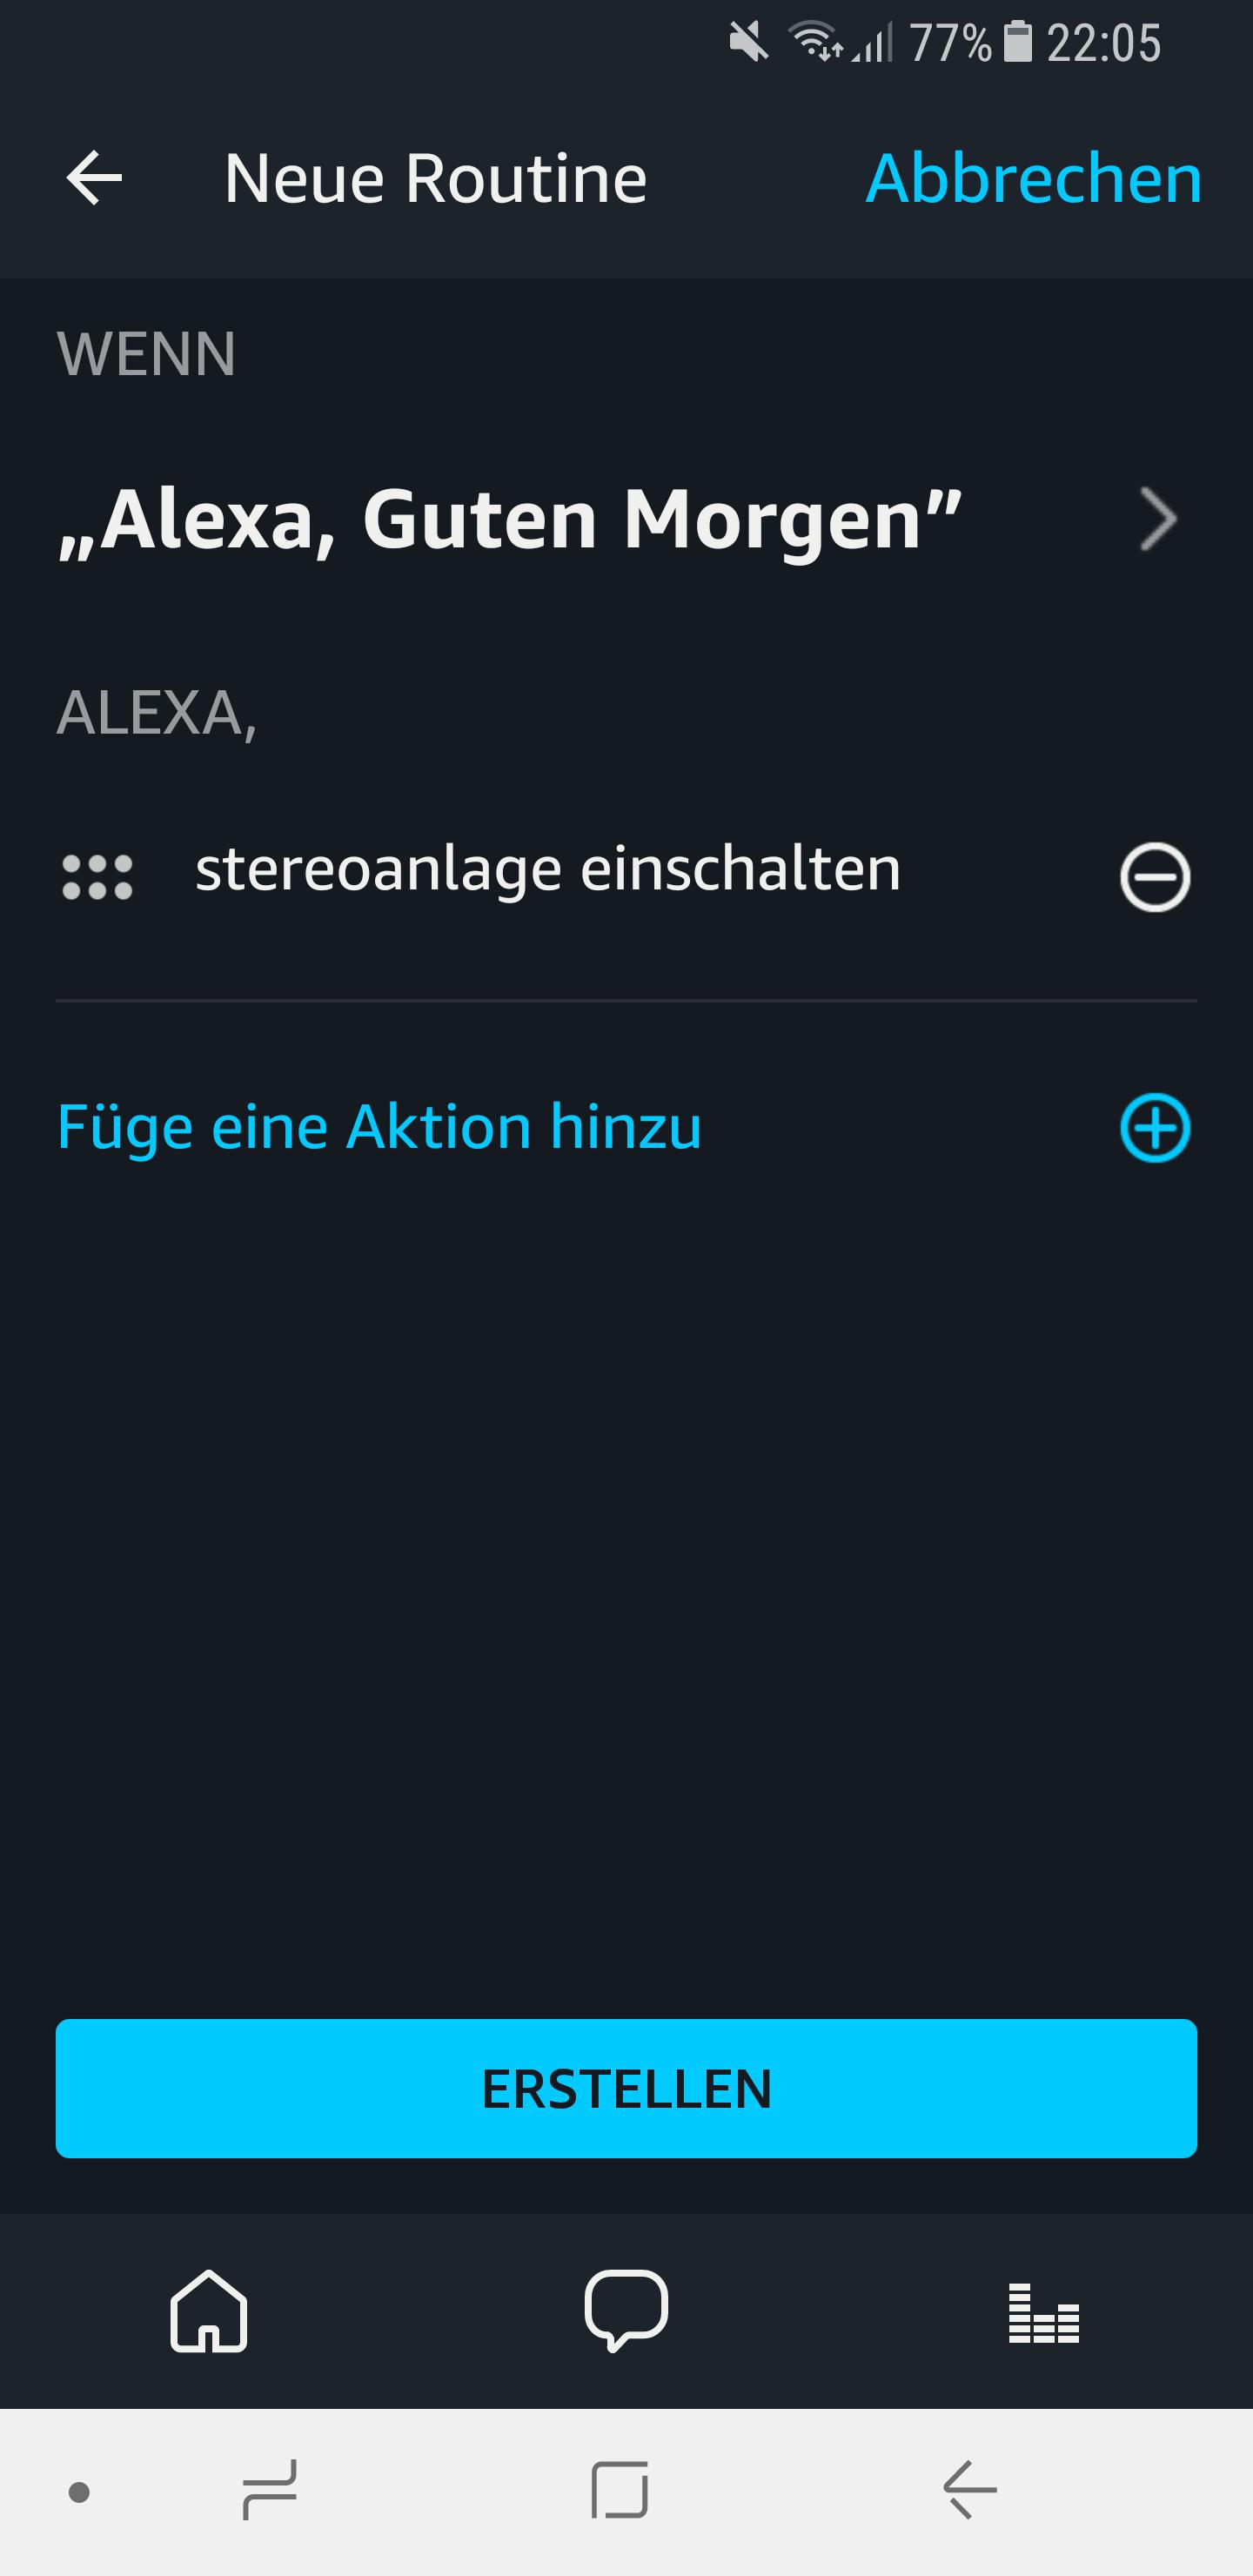 Routinen in der Amazon Alexa App einrichten und nutzen 12